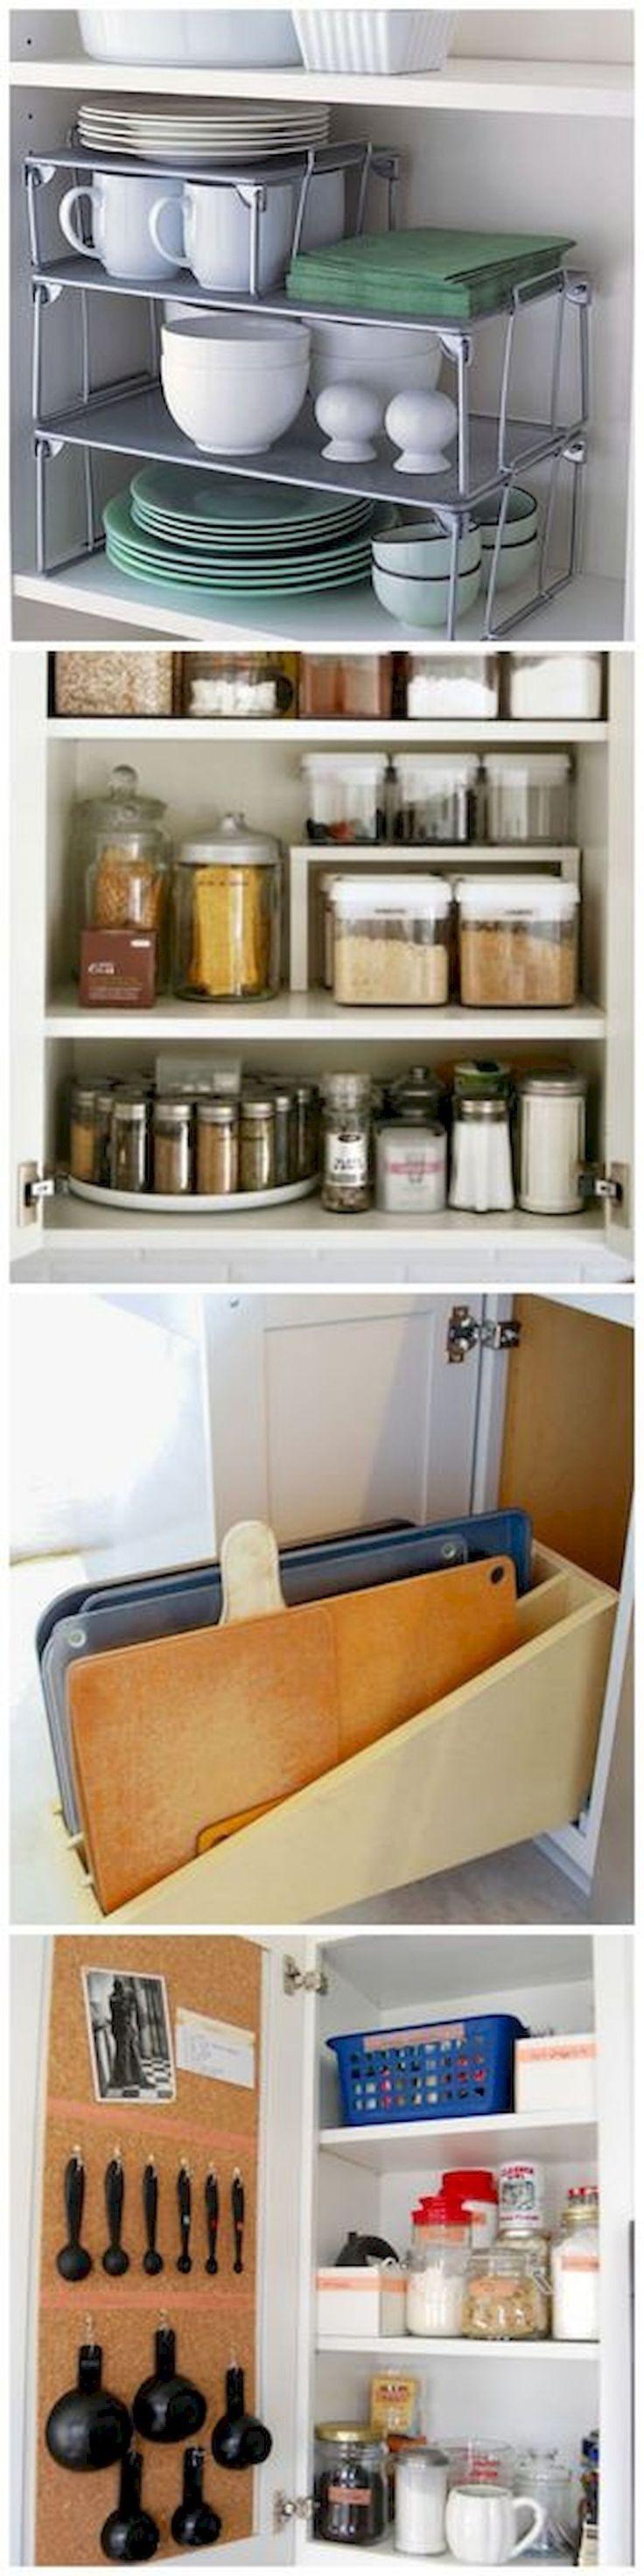 2993 besten kitchen ideas Bilder auf Pinterest | Kleine küchen ...